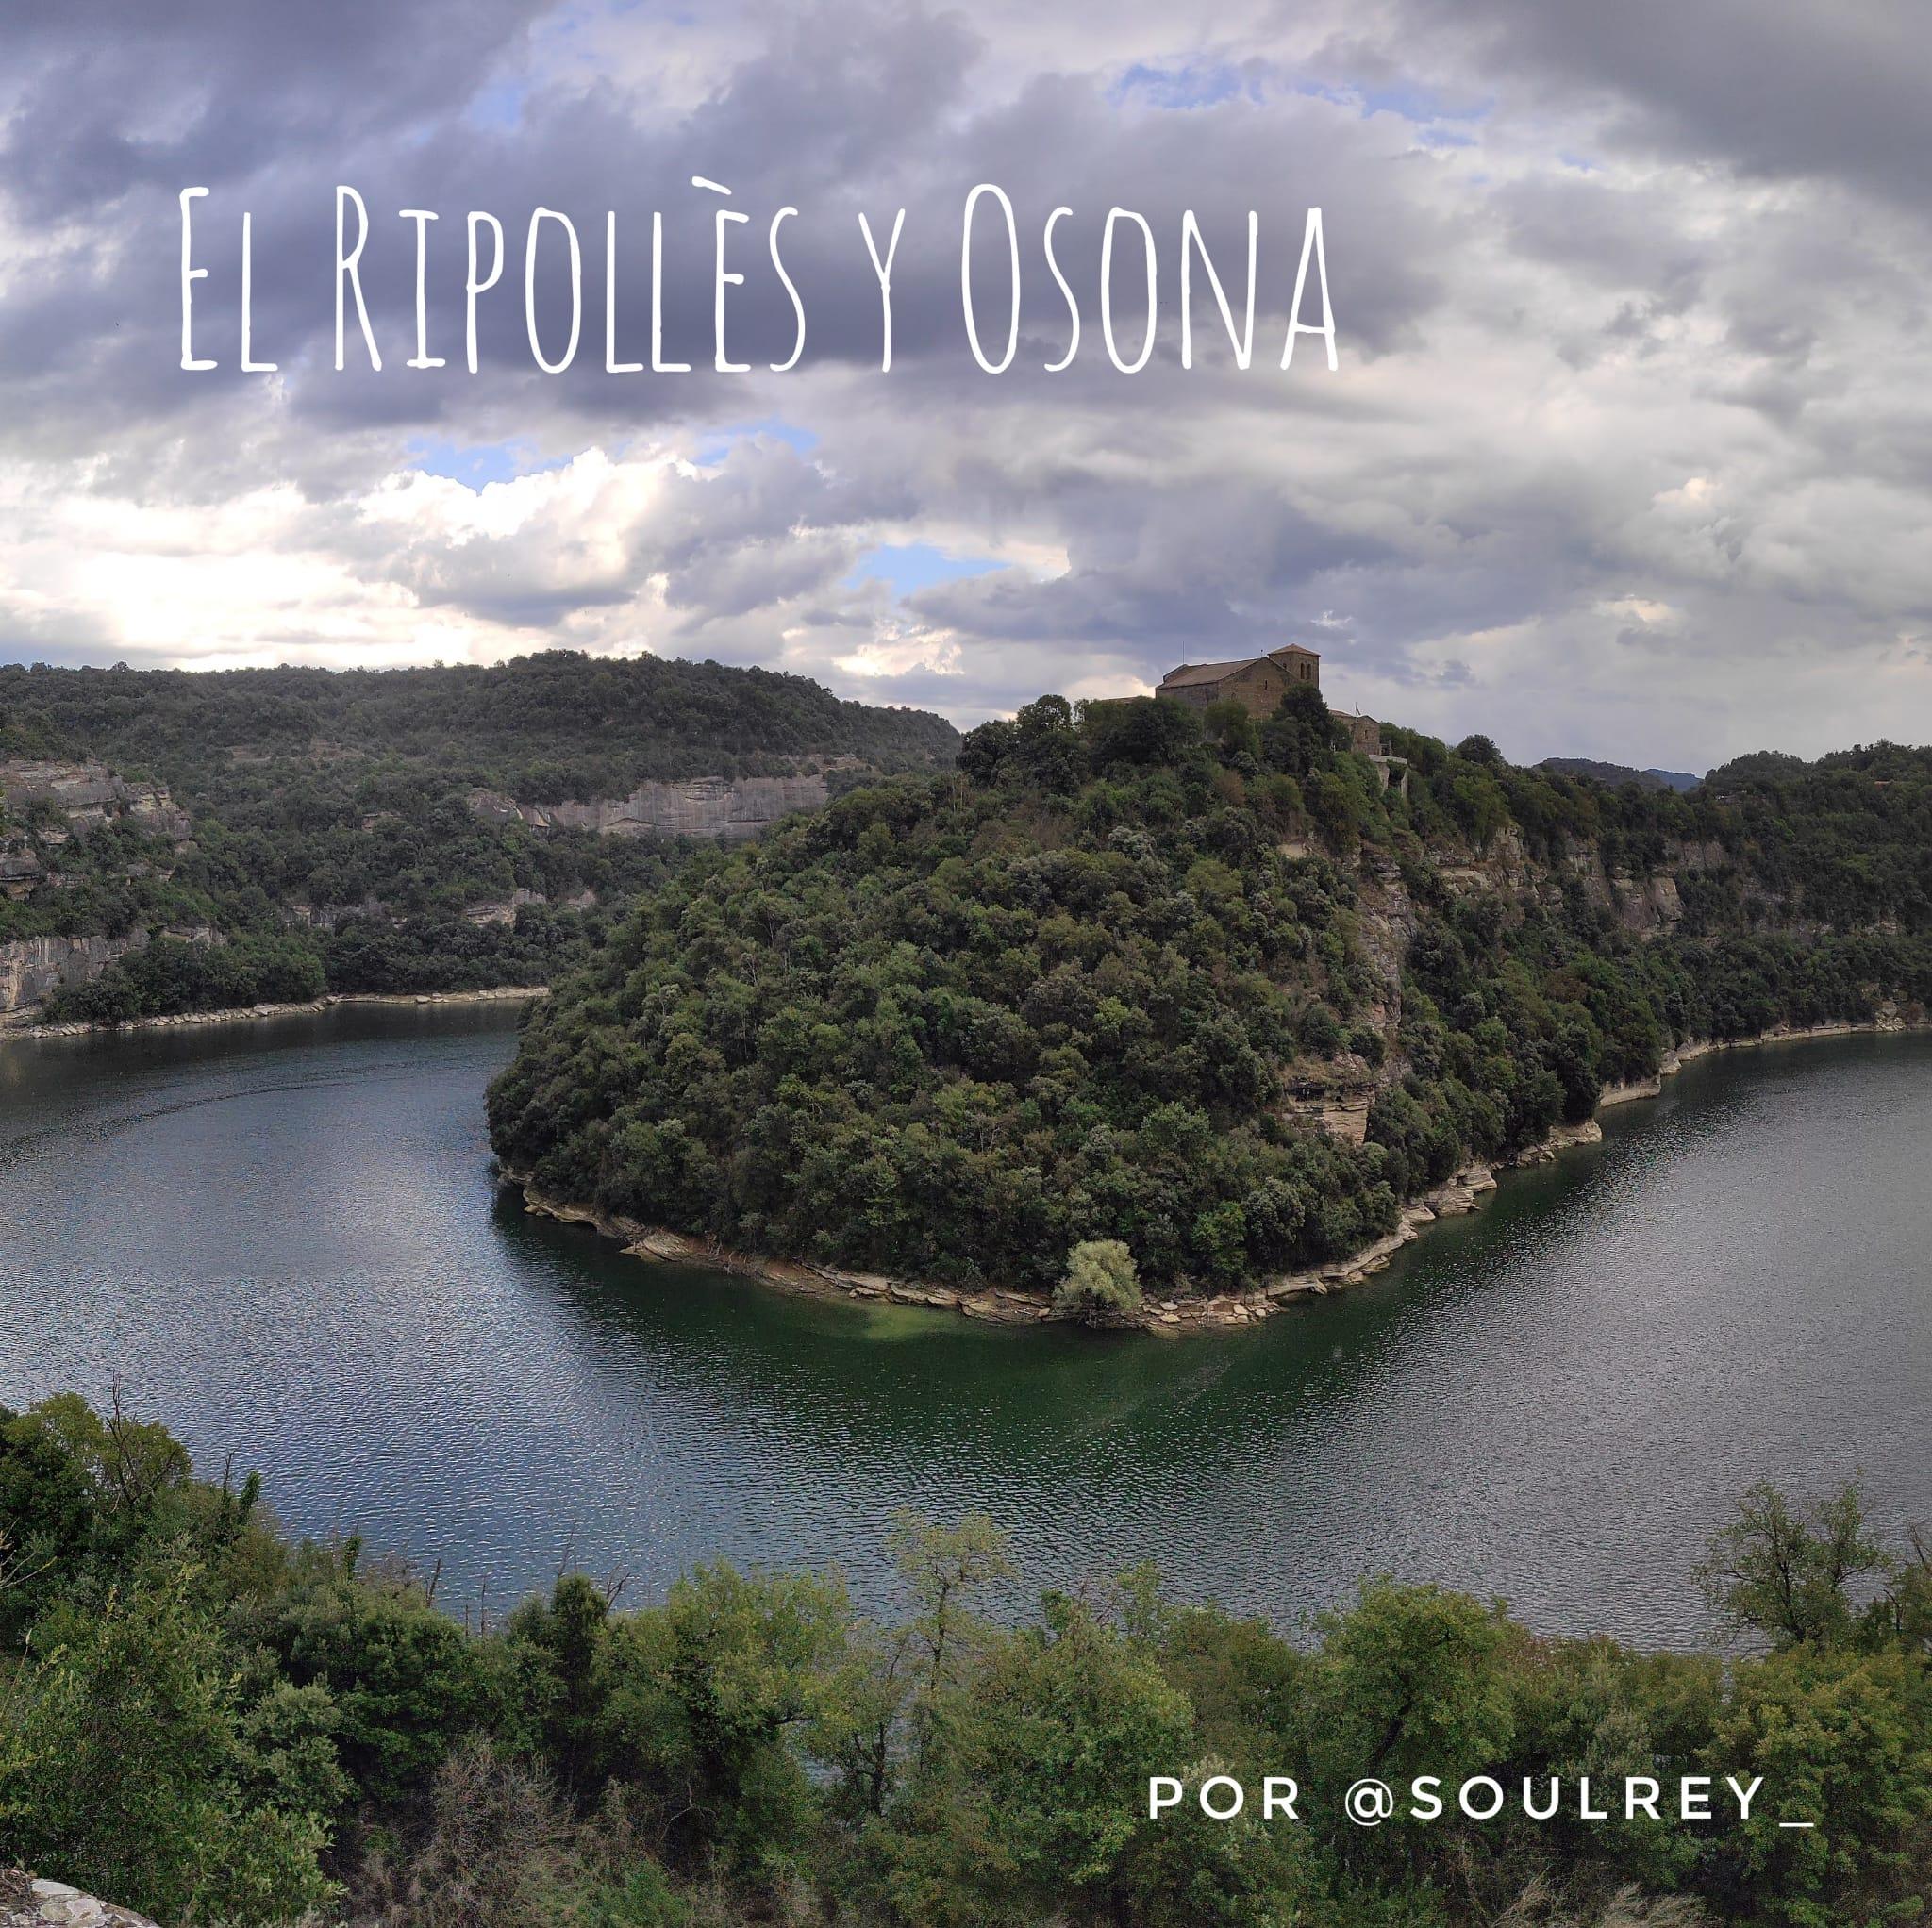 Lire la suite de l'article La Catalogne en camping-car ou ce que vous voulez : El Ripollès et Osona. Par les instagrammeurs @soulrey_